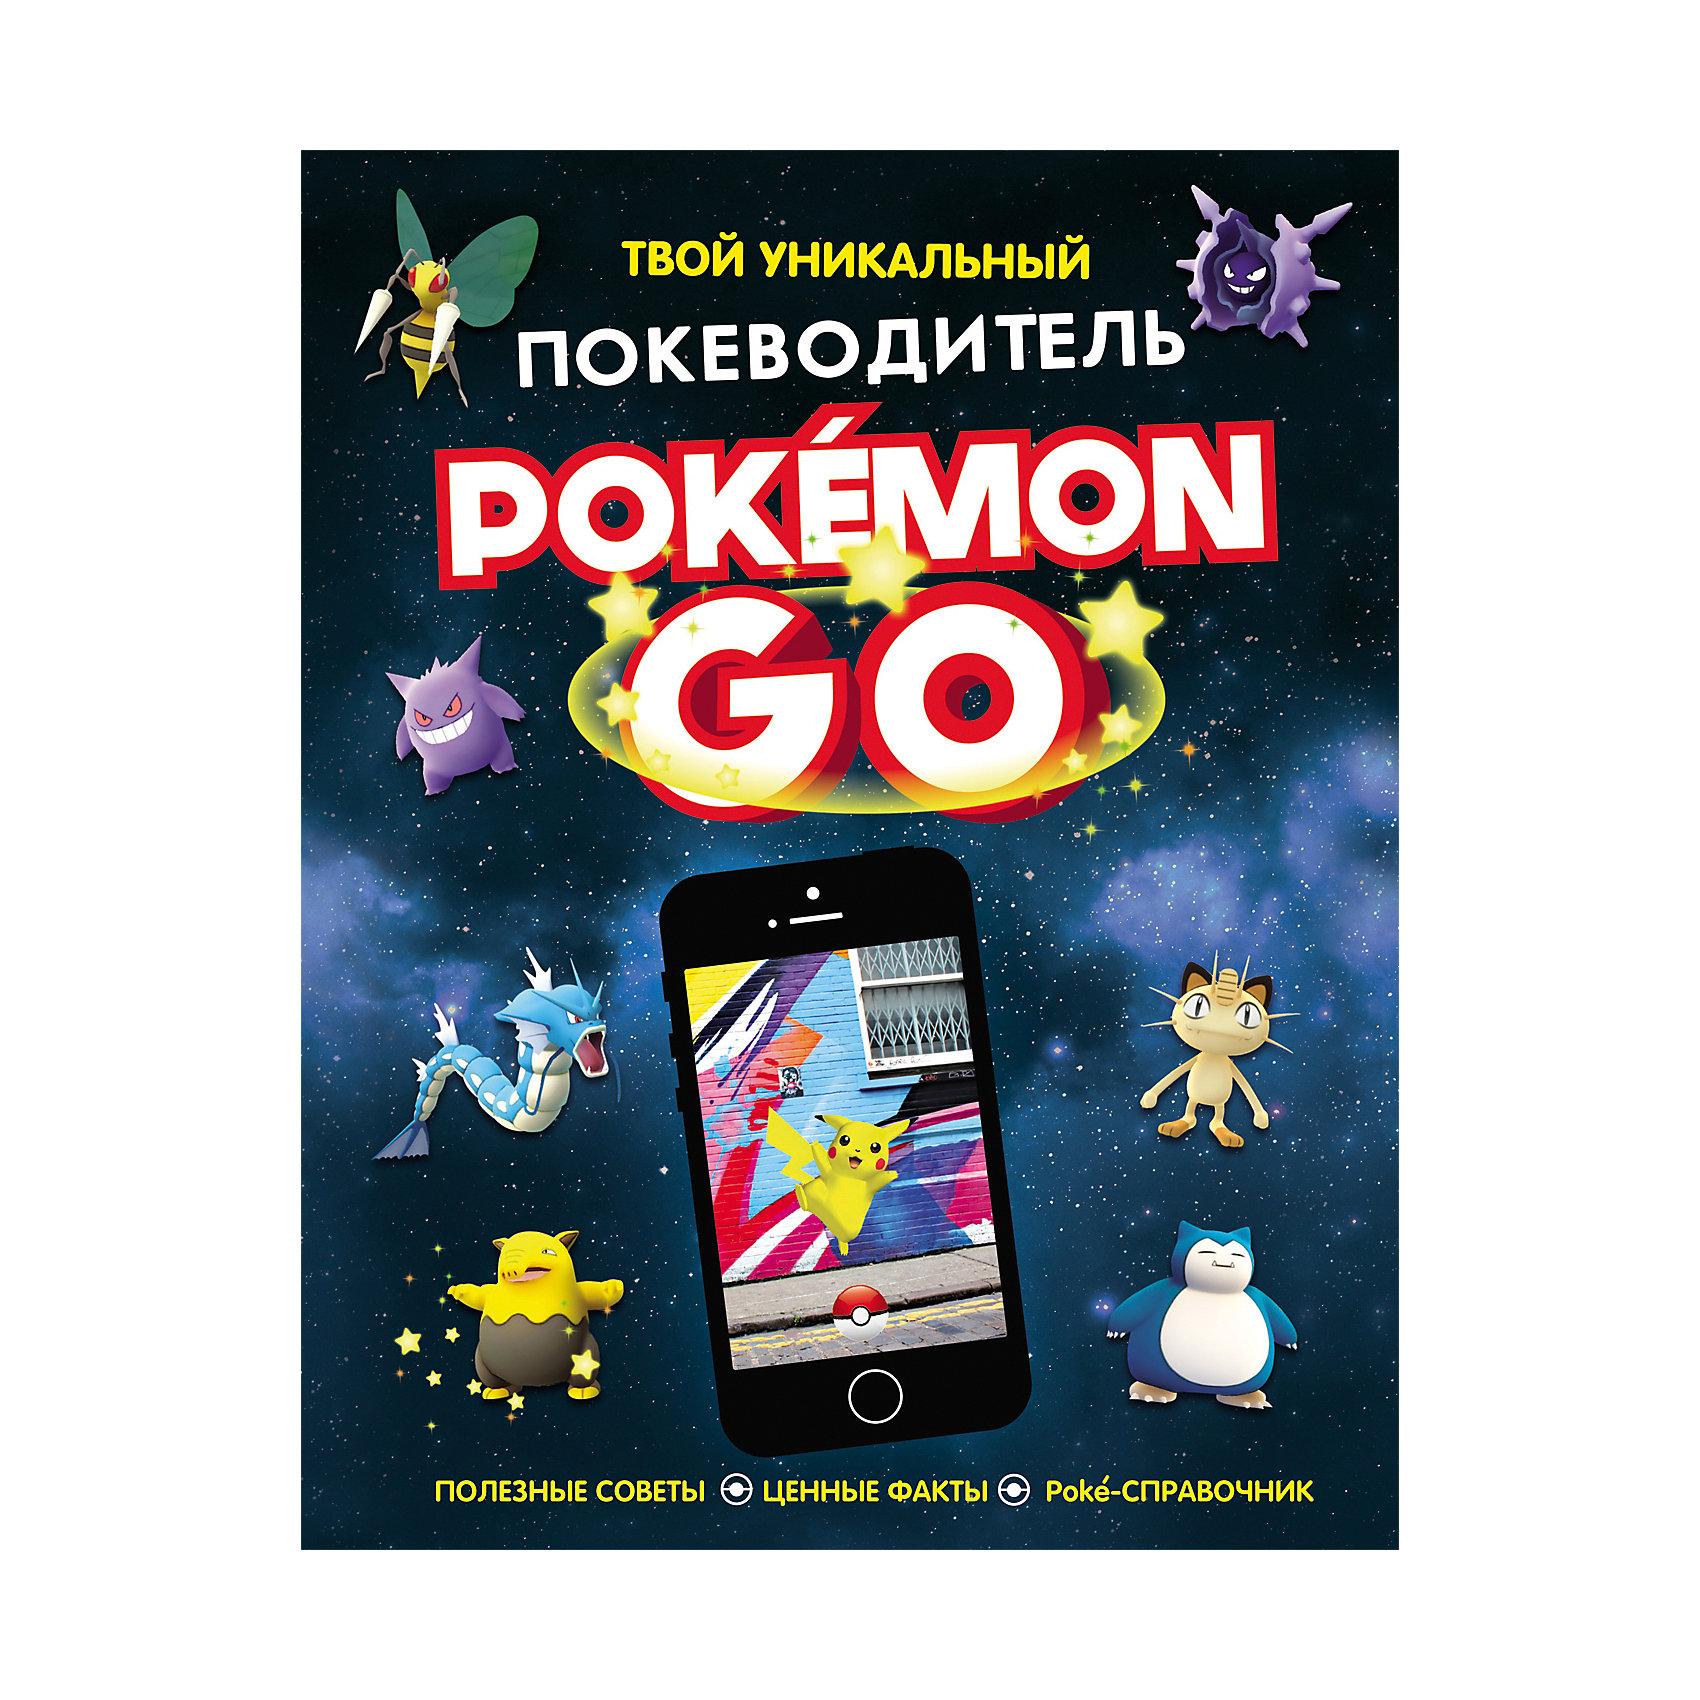 Pokemon Go: Твой уникальный покеводительКниги по фильмам и мультфильмам<br>Pokemon Go: Твой уникальный покеводитель.<br><br>Характеристики:<br><br>• Для детей в возрасте: от 7 лет<br>• Авторы: Гиффорд Клайв, Бретт Анна<br>• Переводчик: Конча Надежда<br>• Издательство: Росмэн<br>• Тип обложки: 7Бц - твердая, целлофанированная (или лакированная)<br>• Иллюстрации: цветные<br>• Количество страниц: 80<br>• Размер: 252х195х10 мм.<br>• Вес: 440 гр.<br>• ISBN: 9785353082354<br><br>Твой уникальный покеводитель  PokemonGo! Мечтаешь стать самым крутым тренером покемонов, побеждать любых, даже очень сильных, противников? Поймать всех покемонов на свете и эволюционировать их по максимуму? Тогда эта книжка как раз для тебя! Готовься: покеводитель открывает тебе путь к настоящей славе! <br><br>Любопытные факты, полезные советы, бесценные лайфхаки и стратегии, боевые приемы - все это ждет тебя на страницах покеводителя. А еще тут есть карточки - на них все, что нужно знать о твоих зубастых и клыкастых питомцах! Отмечай, какие покемоны у тебя уже есть, где ты их поймал, каких успехов они добились в сражениях. Приведи своих отважных друзей к победе!<br><br>Книгу Pokemon Go: Твой уникальный покеводитель можно купить в нашем интернет-магазине.<br><br>Ширина мм: 195<br>Глубина мм: 100<br>Высота мм: 252<br>Вес г: 440<br>Возраст от месяцев: 84<br>Возраст до месяцев: 2147483647<br>Пол: Унисекс<br>Возраст: Детский<br>SKU: 6758907